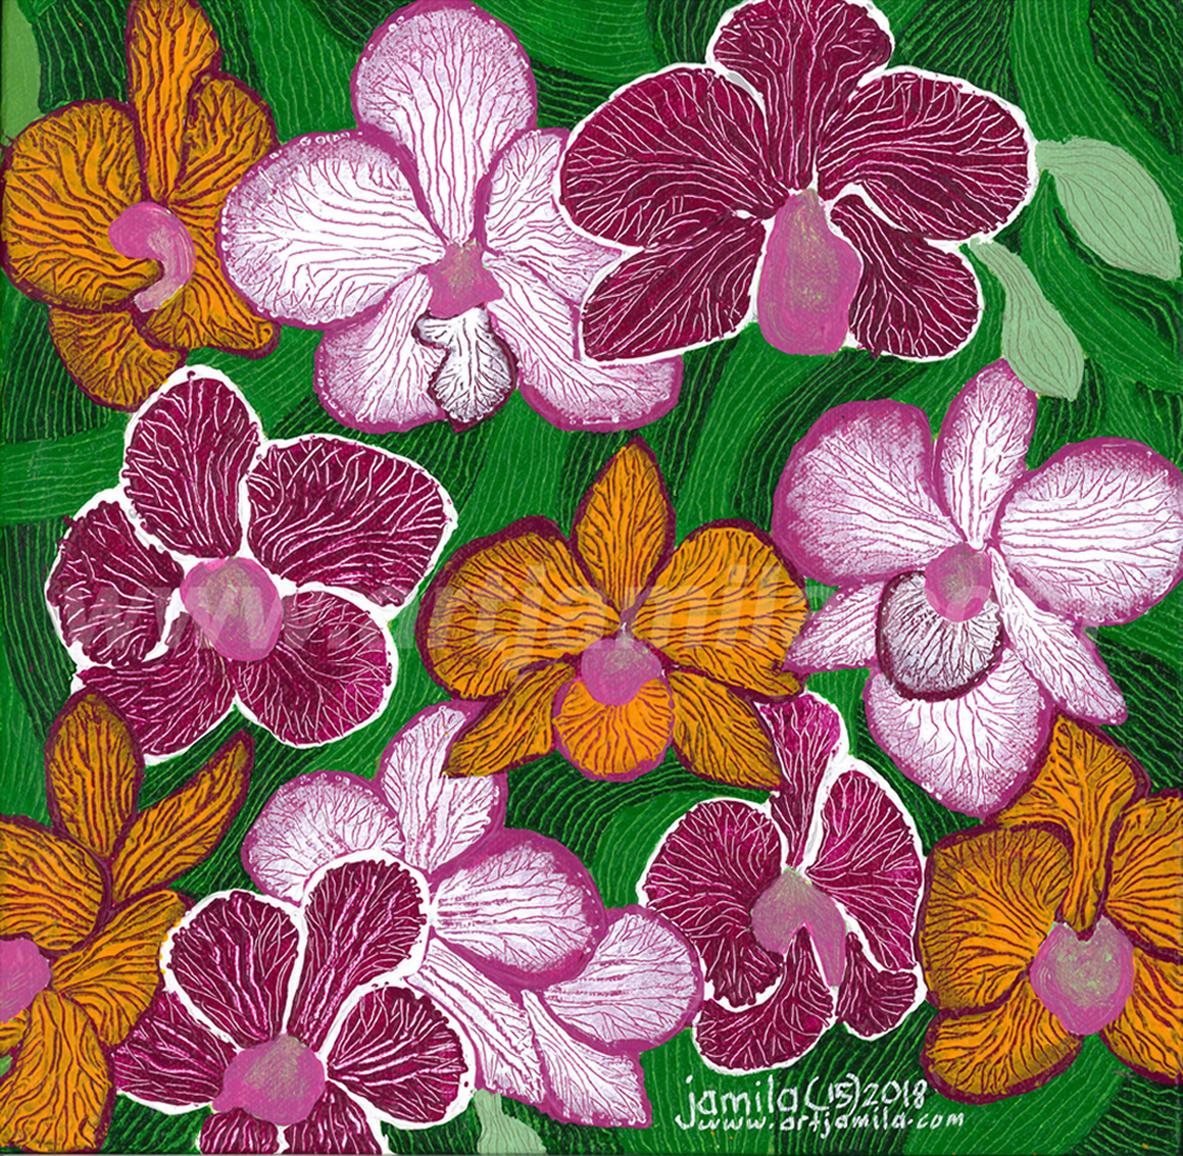 Flowers Forever Blossom Series 3